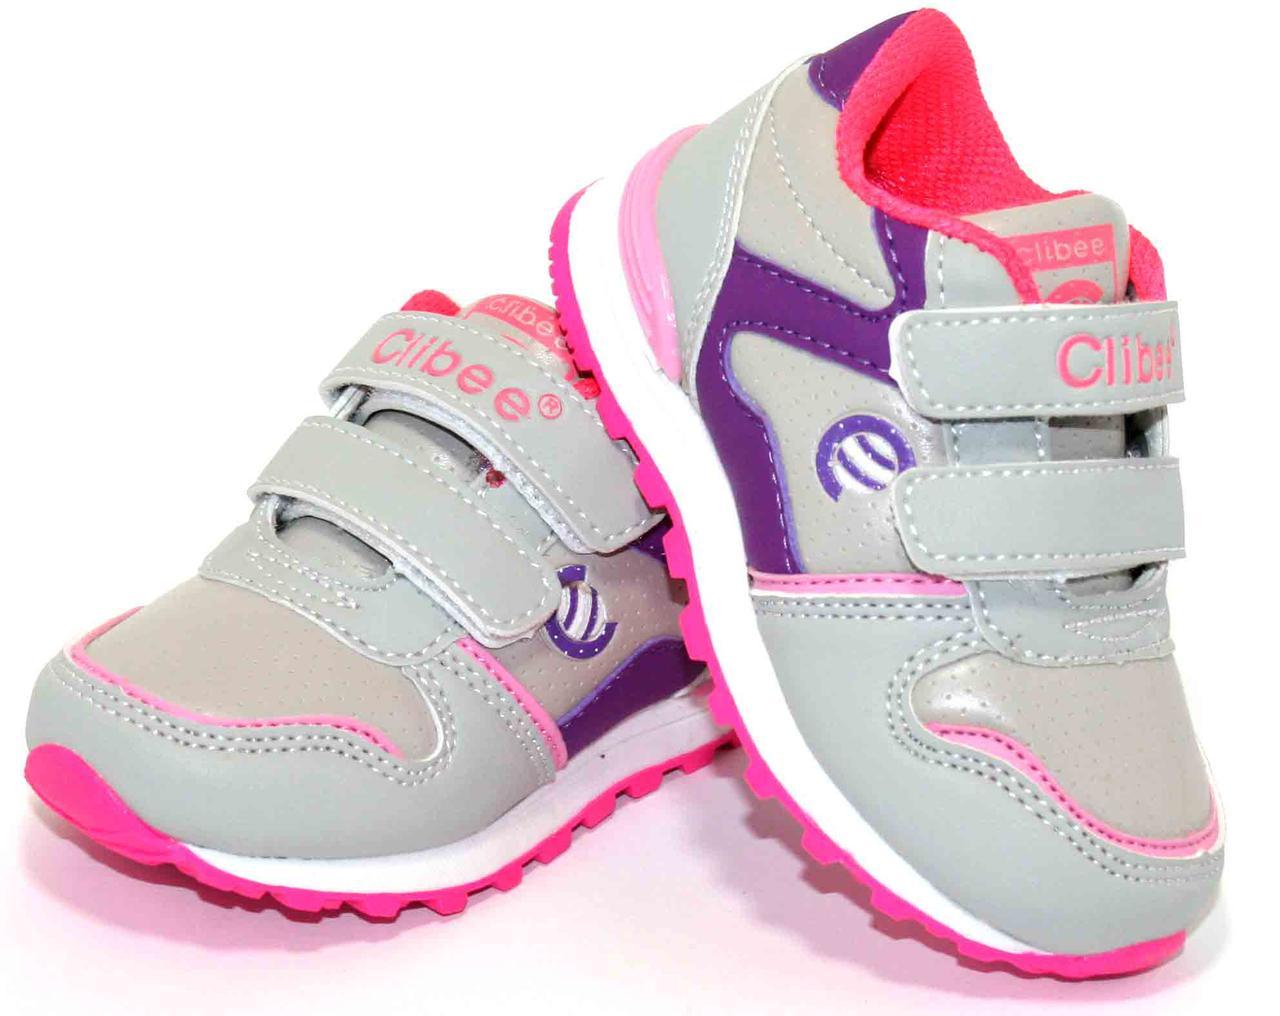 4ca64b5b Детские кроссовки для девочки Clibee Польша размеры 22-27 -  Интернет-магазин